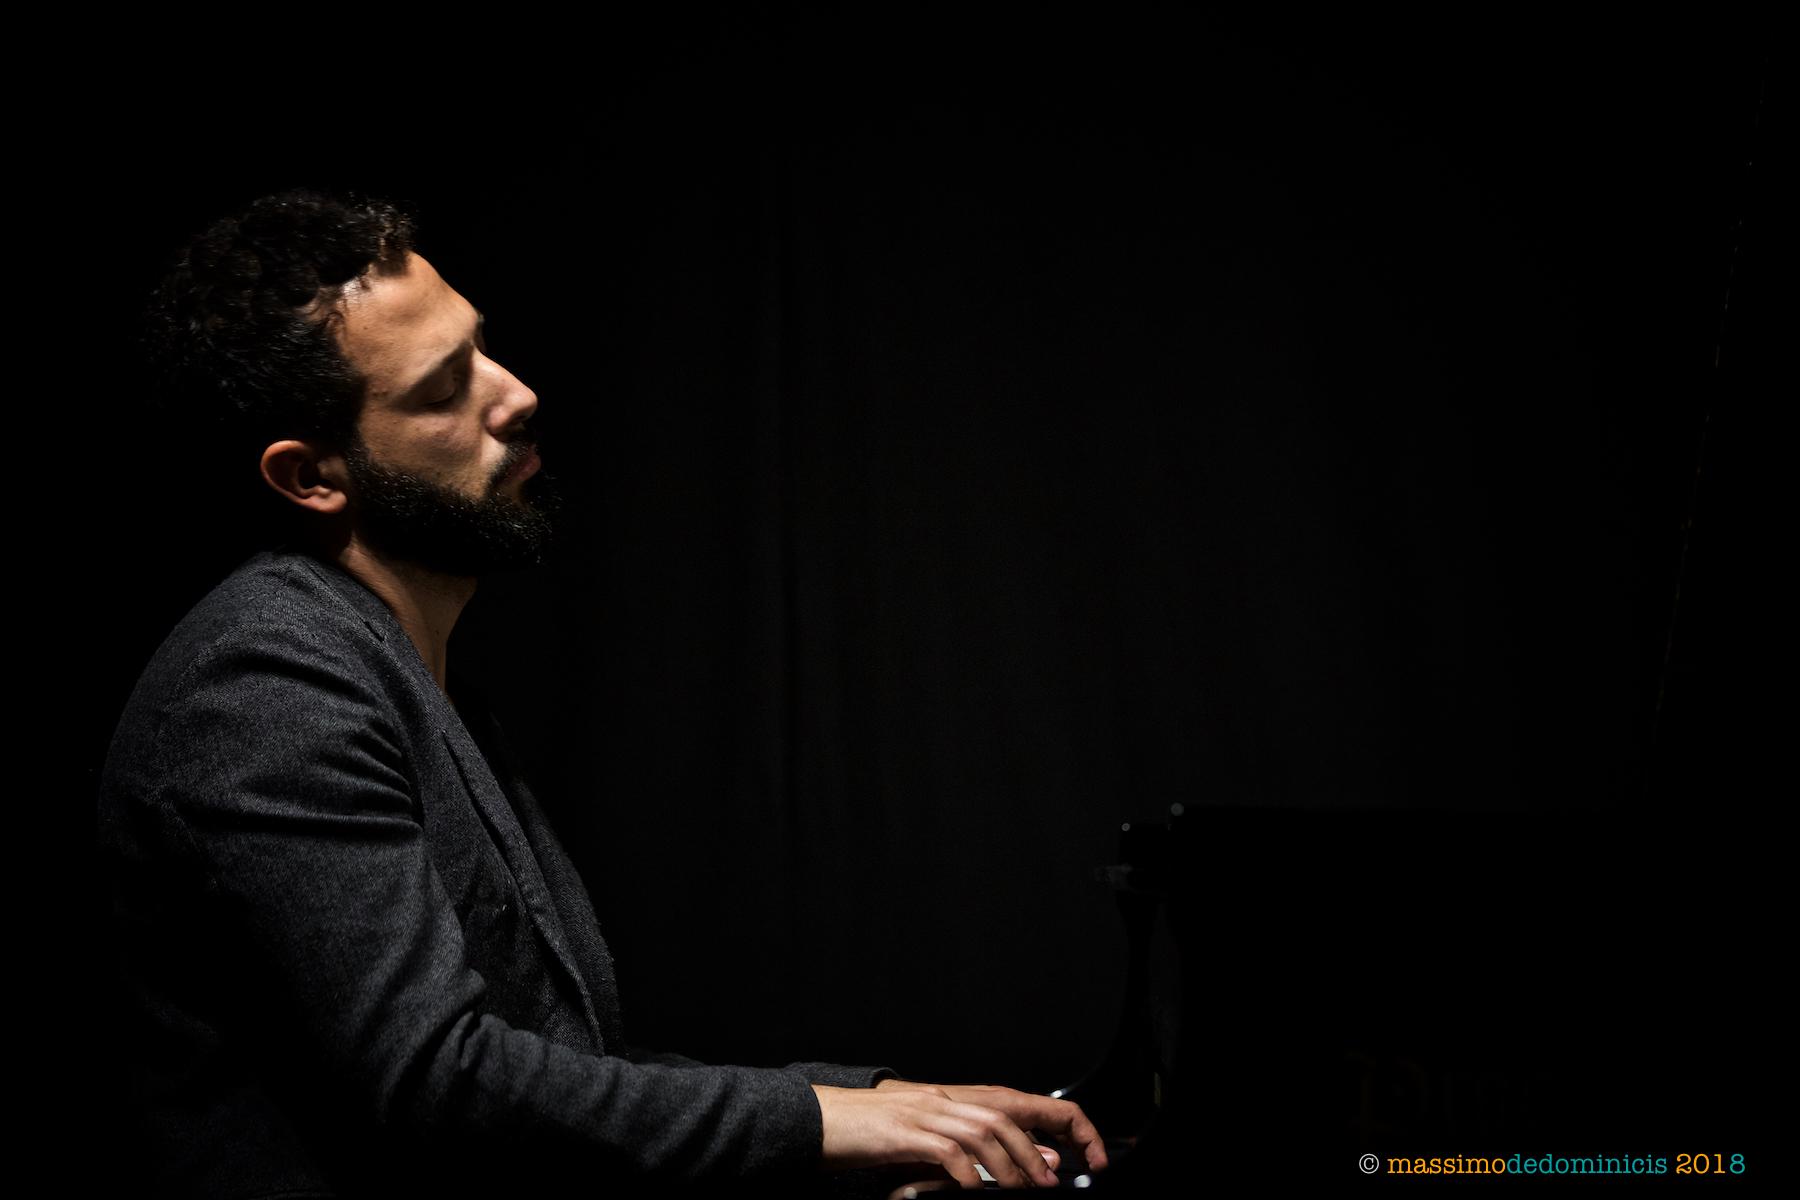 Stefano Falcone